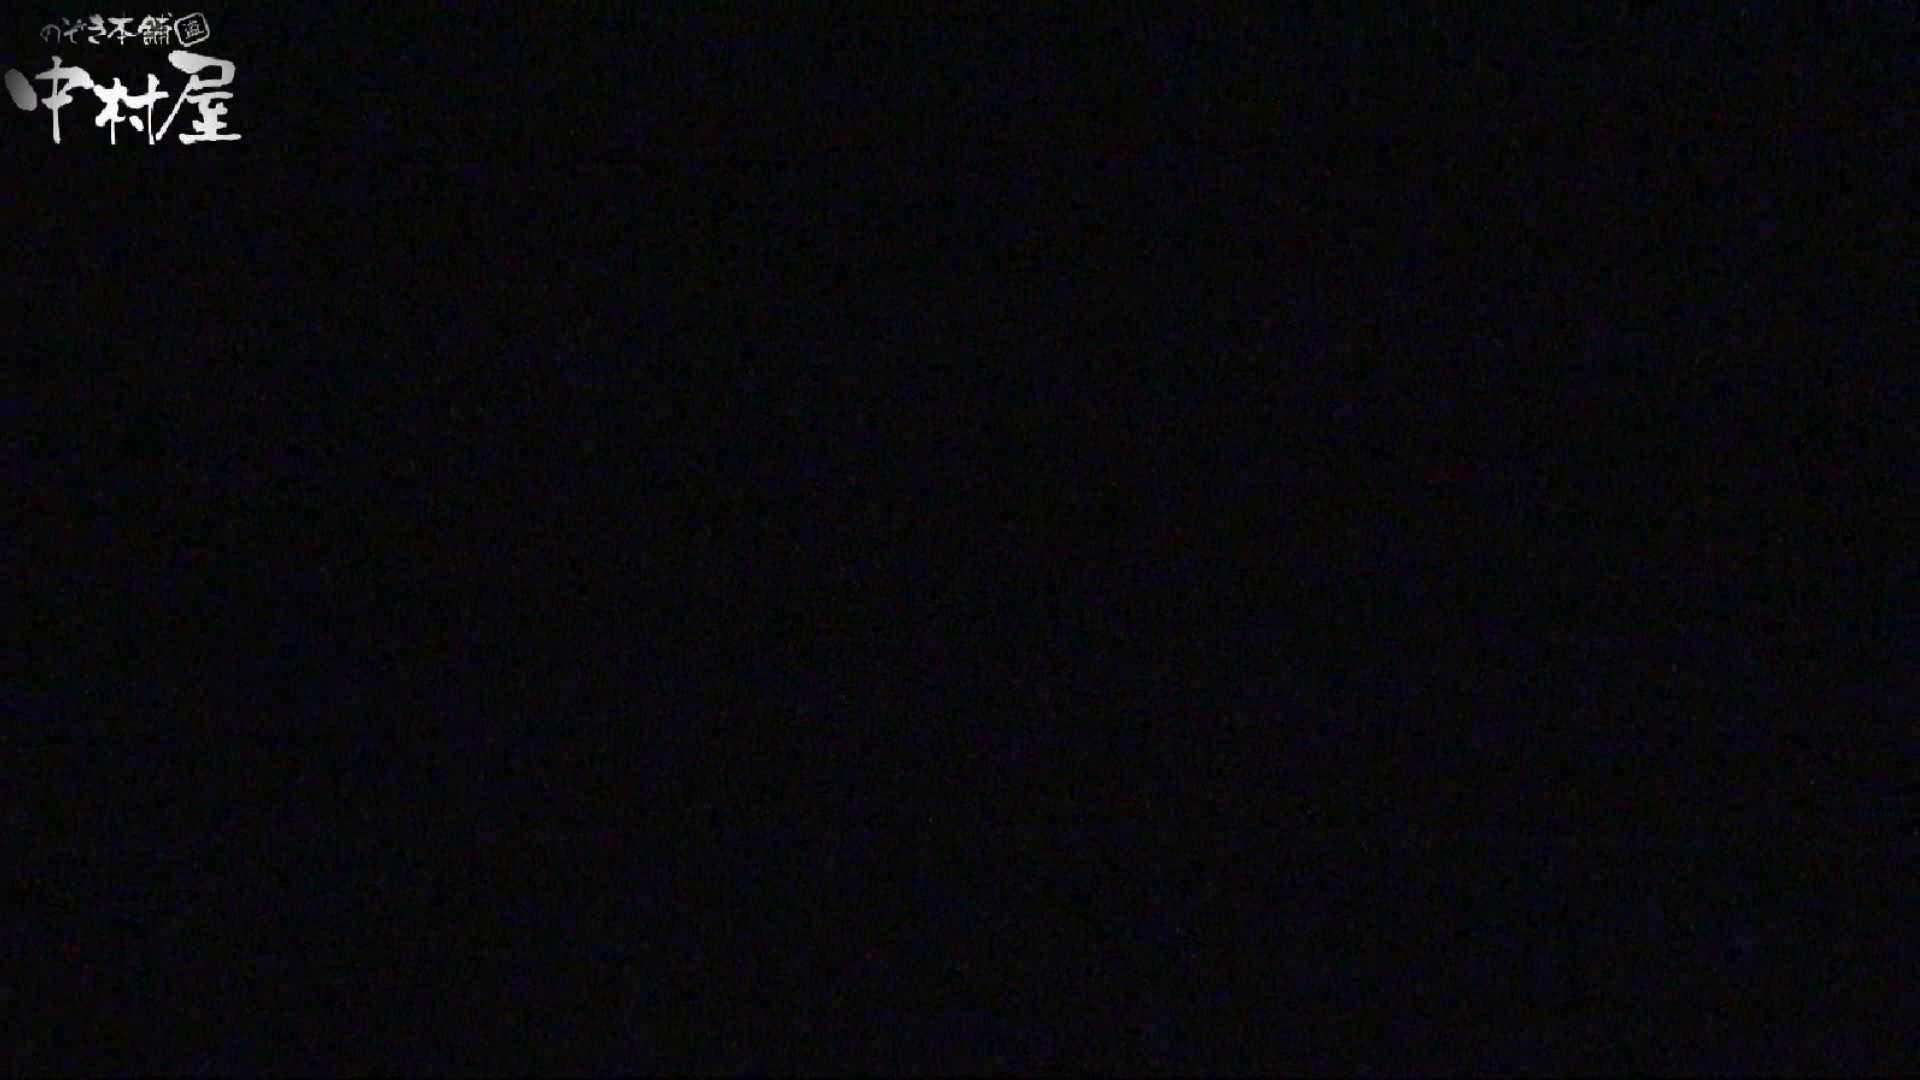 民家風呂専門盗撮師の超危険映像 vol.027 盗撮師作品 盗撮動画紹介 84pic 2